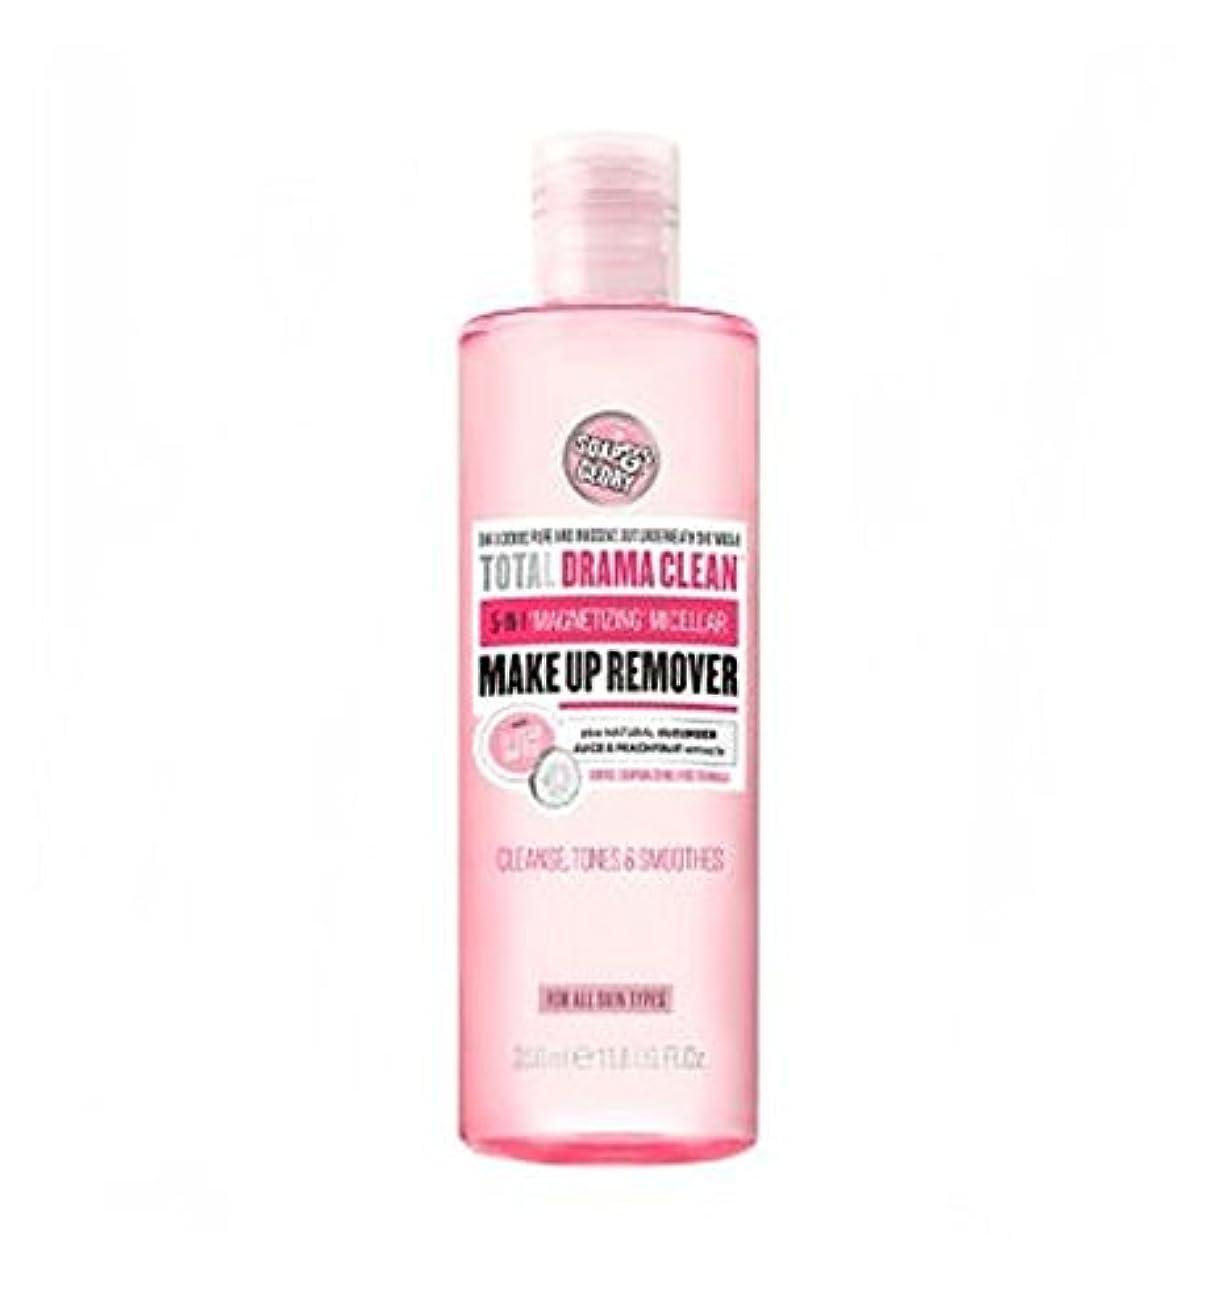 スナップリンス上院Soap & Glory DRAMA CLEAN? 5-in-1 Micellar Cleansing Water 350ml - 石鹸&栄光のドラマクリーン?5-In-1のミセル洗浄水350ミリリットル (Soap &...